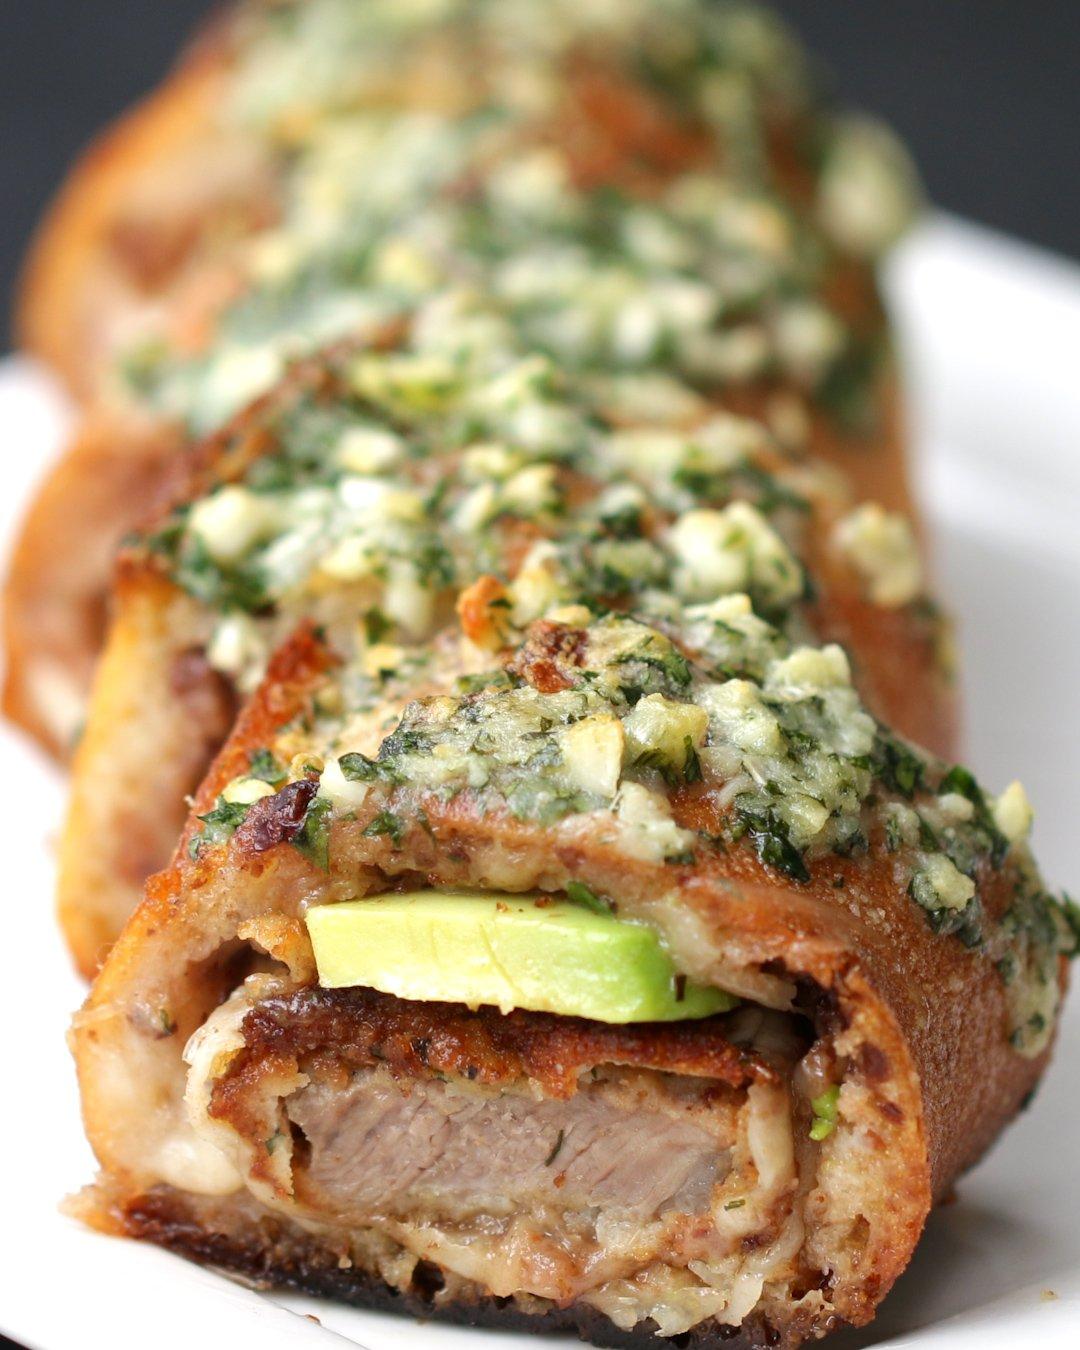 Beef Cutlet-Stuffed Garlic Bread  https://t.co/ZE2L7ZXfRE